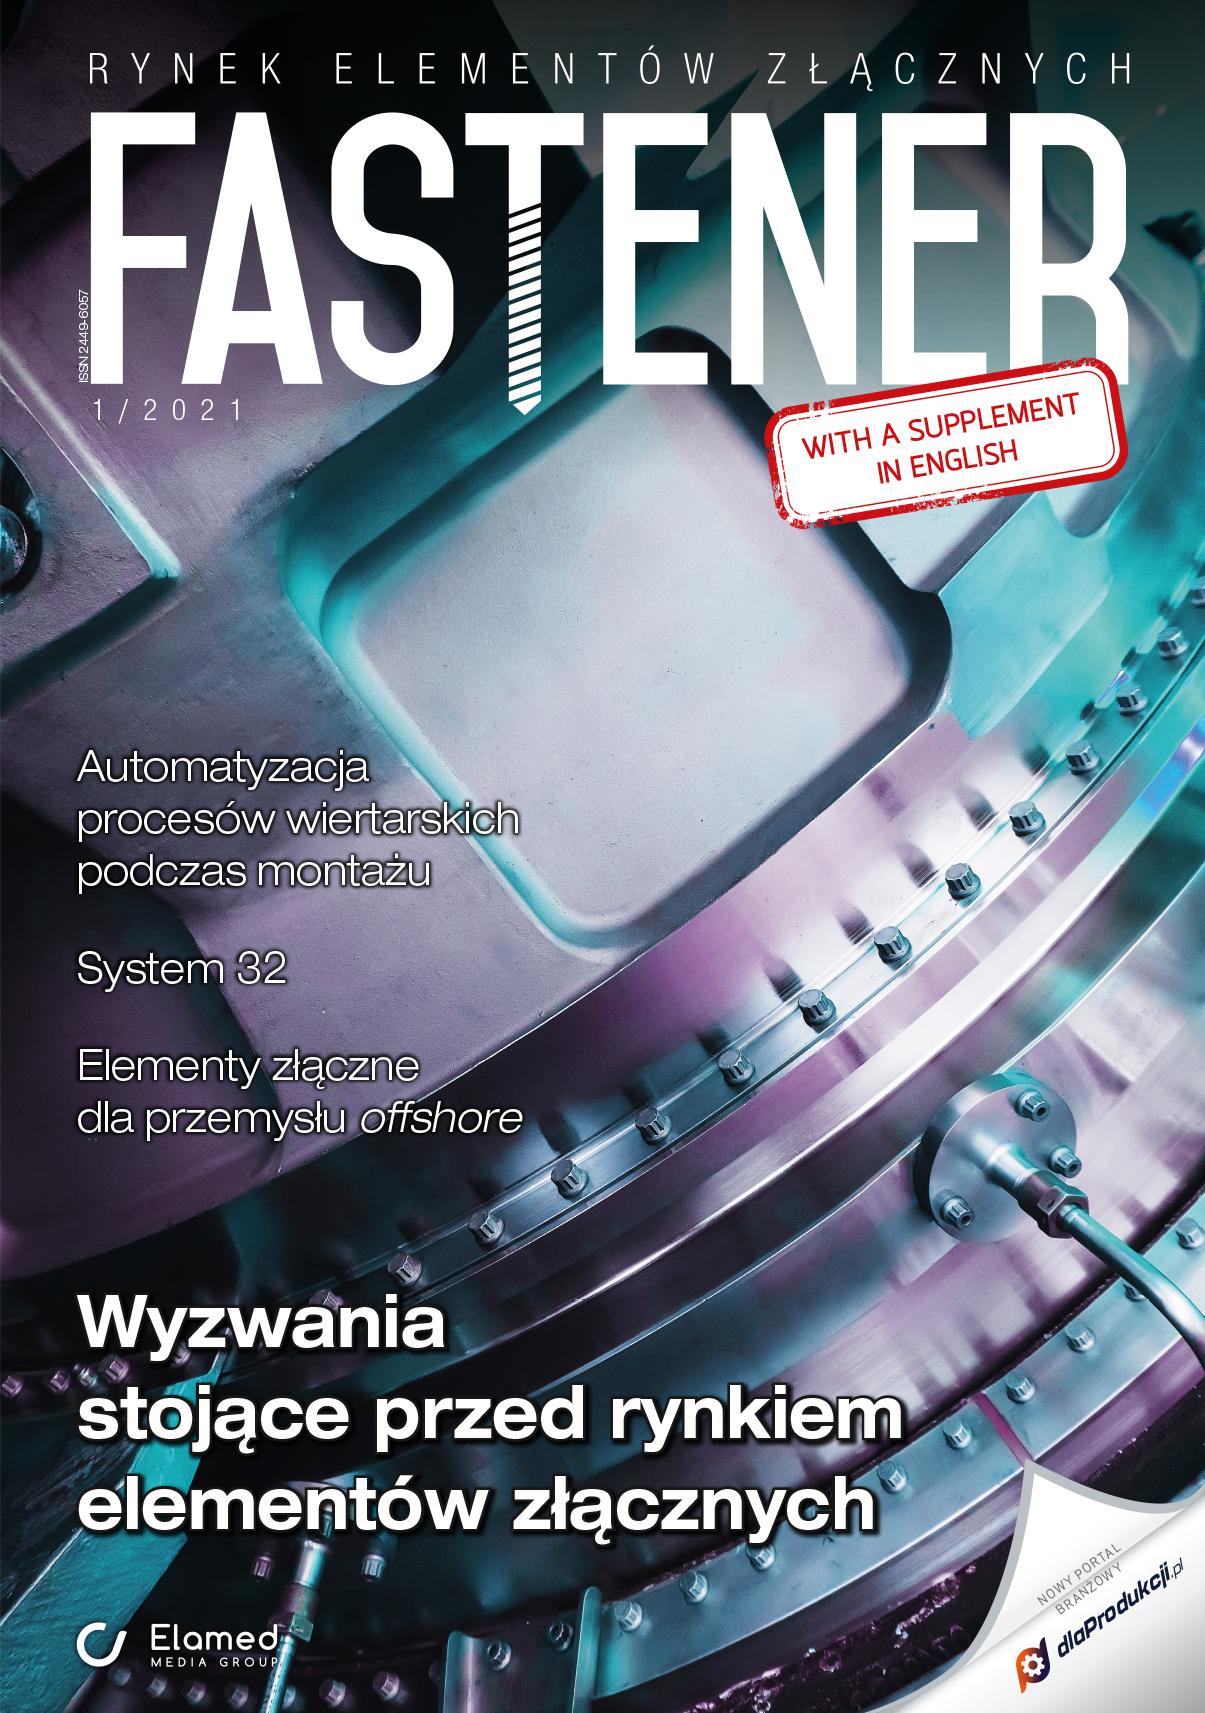 Fastener 1/2021